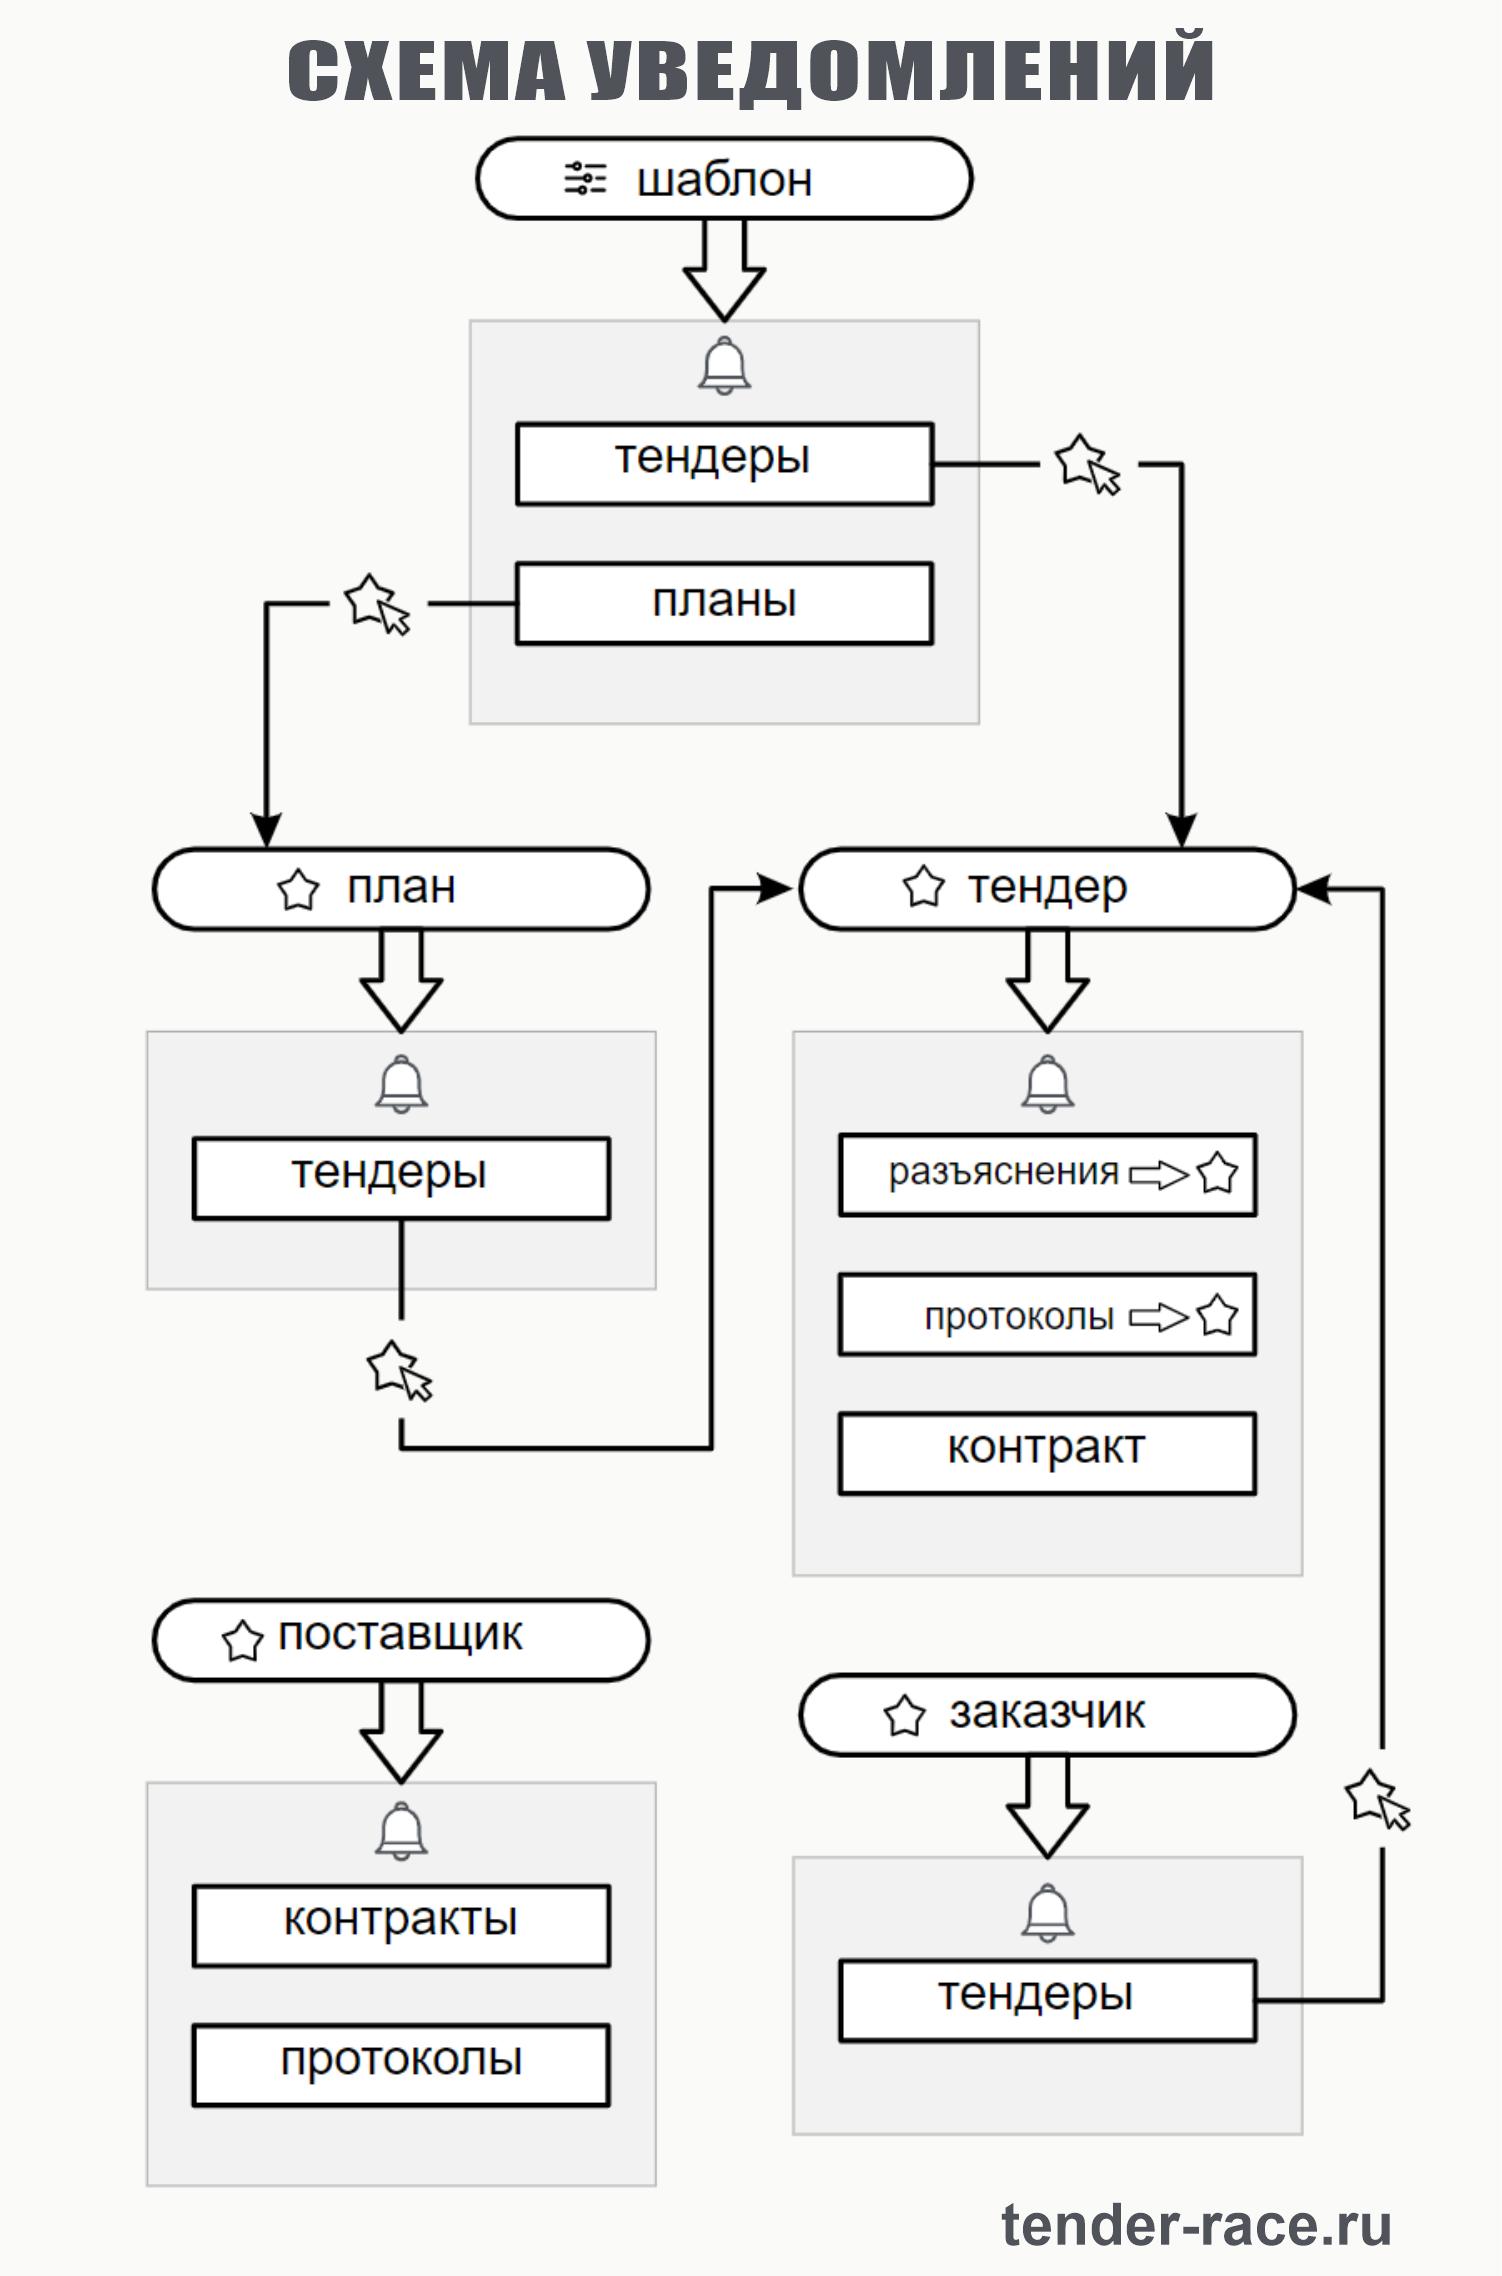 Рабочая схема уведомлений tender-race.ru